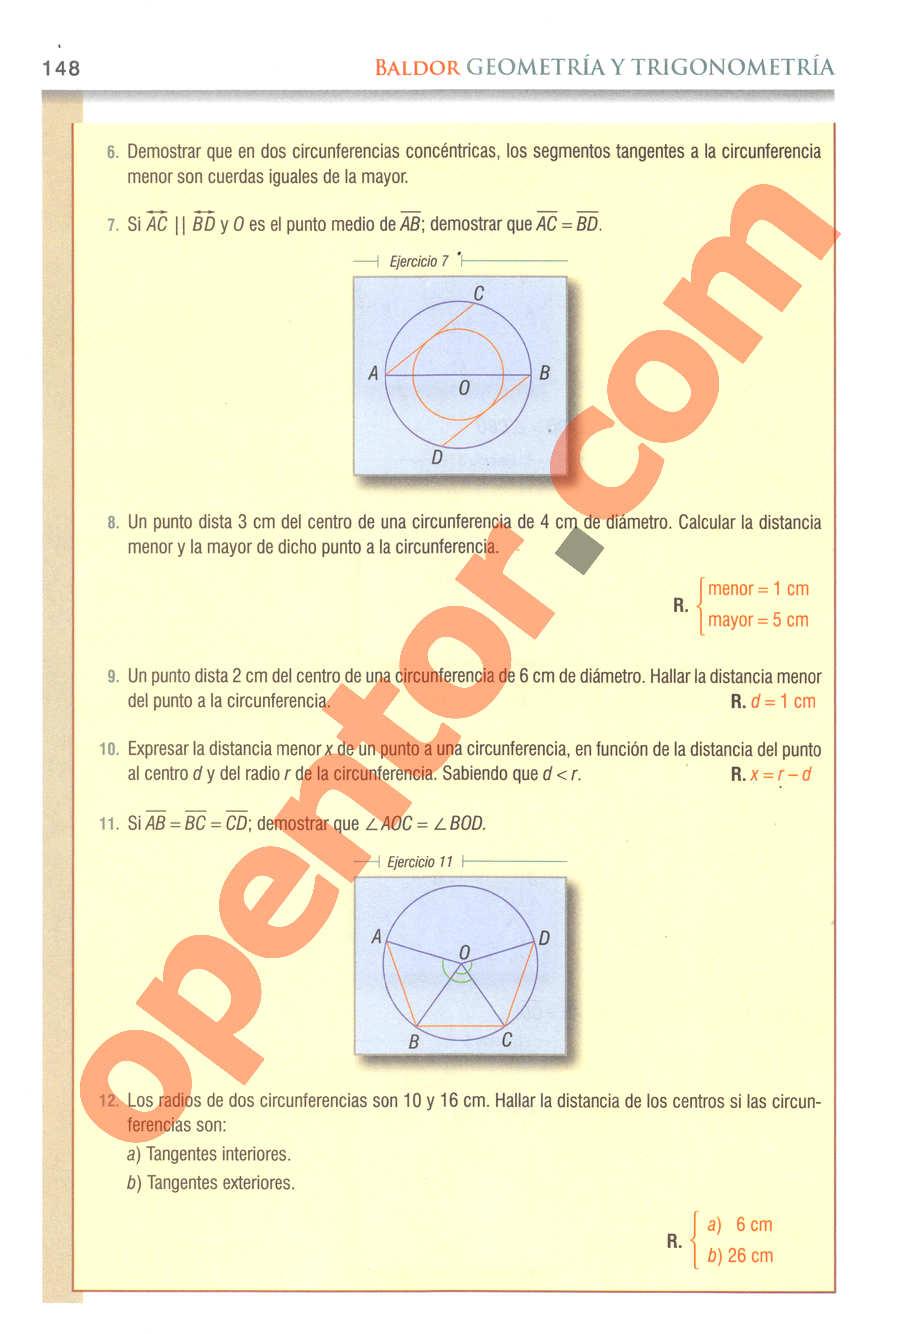 Geometría y Trigonometría de Baldor - Página 148